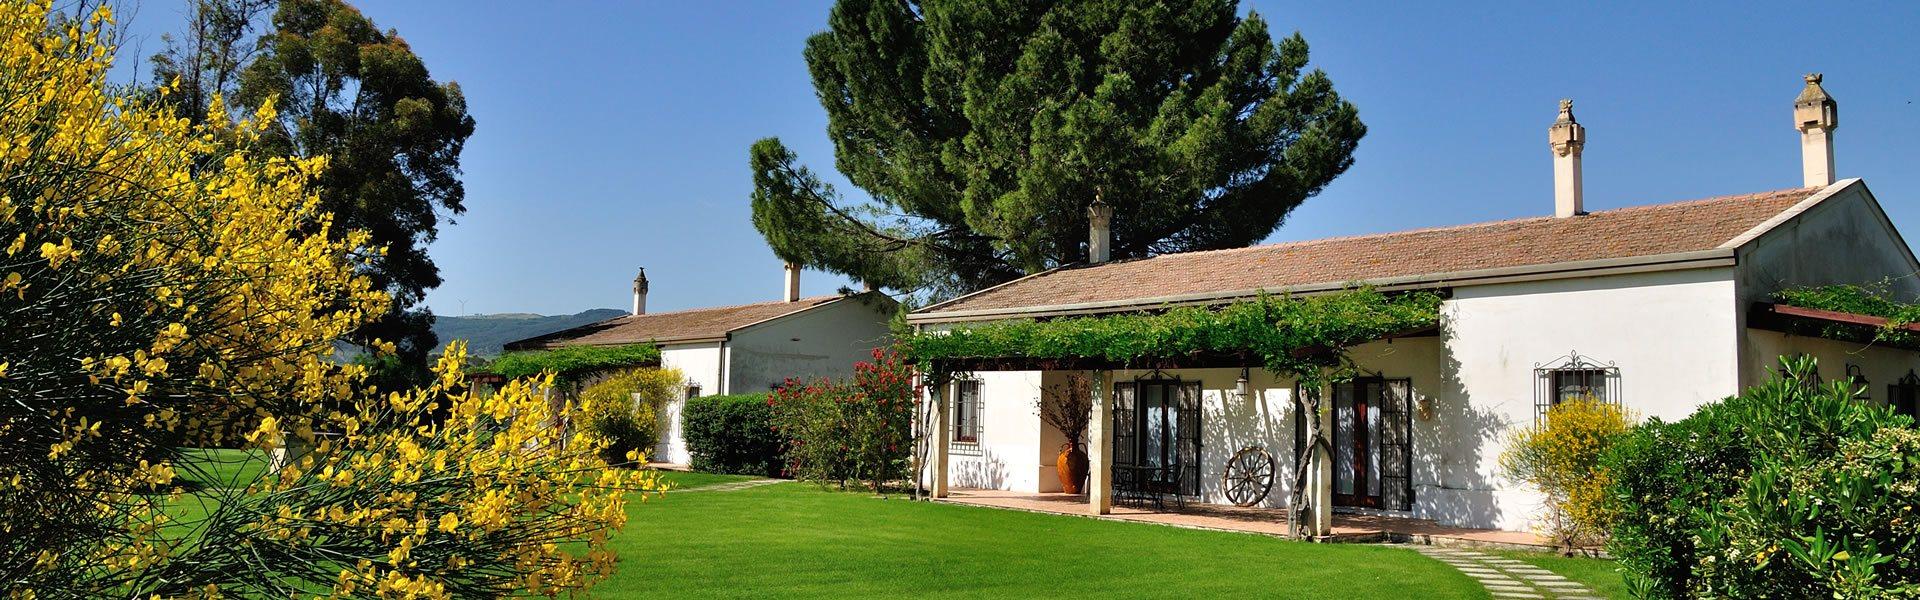 Appartamenti e camere agriturismo l 39 orto di lucania - Agriturismo con piscina basilicata ...